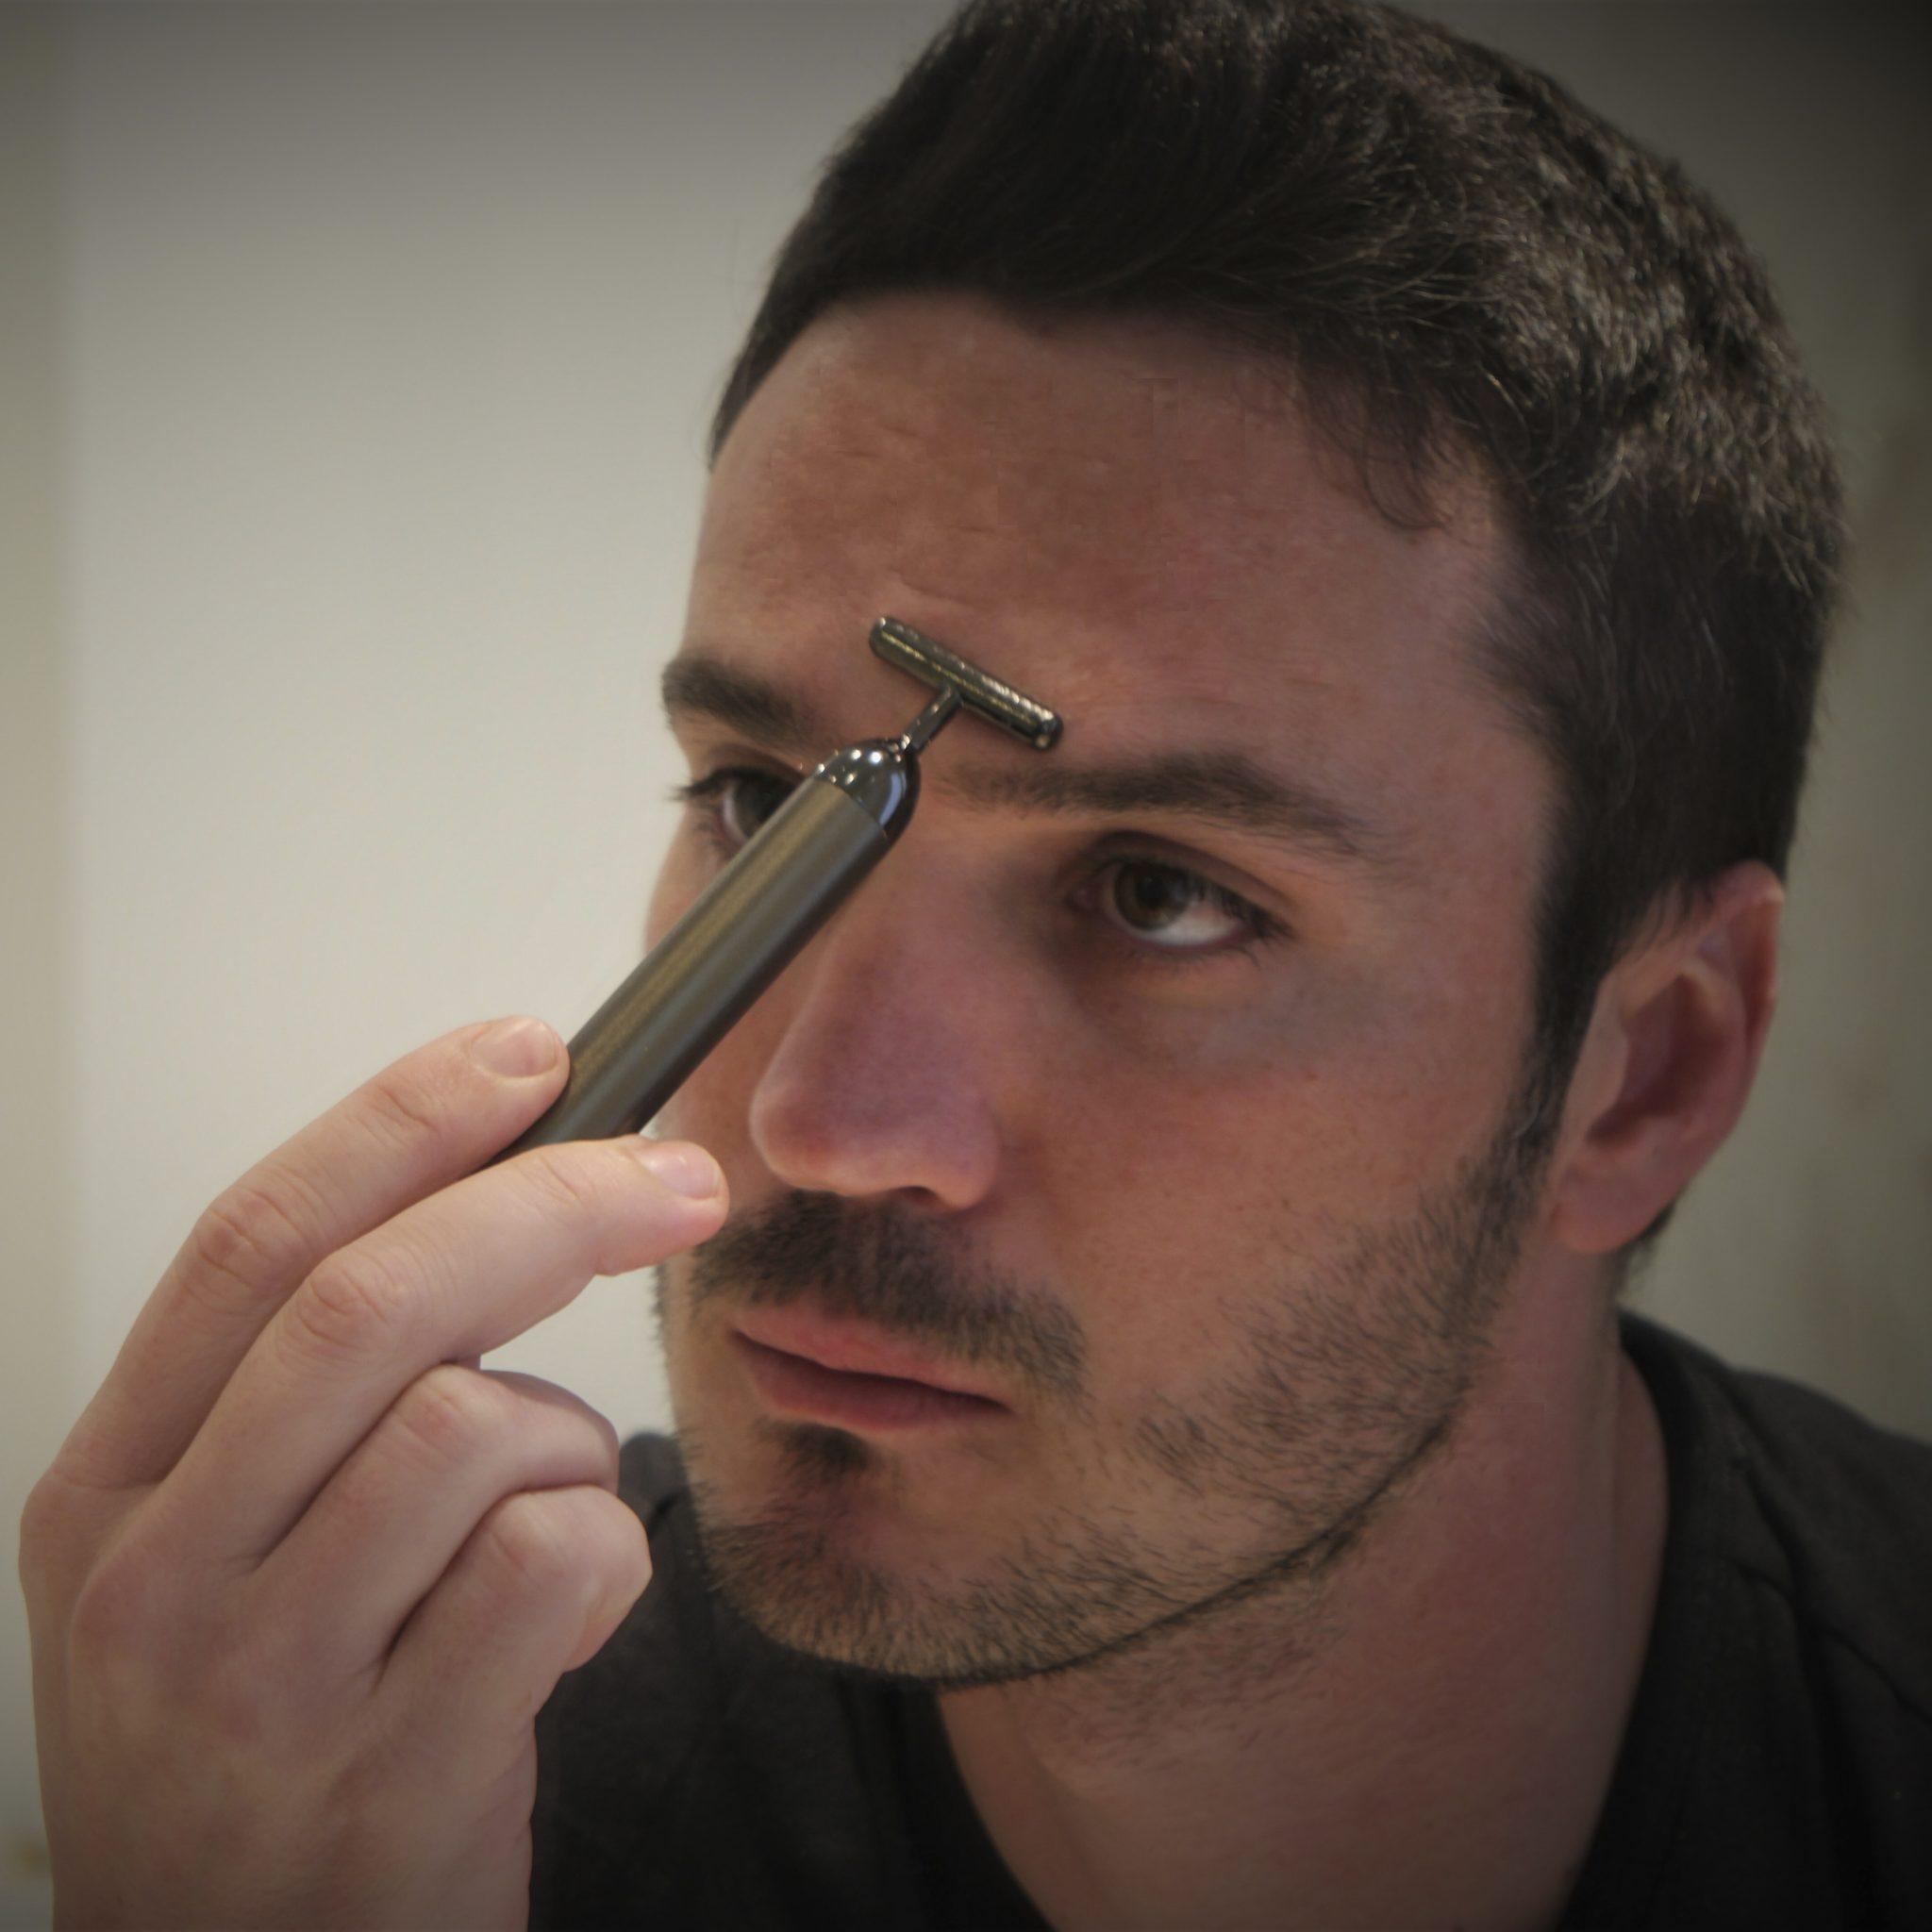 Hombre-con-aplicador-facial-eléctrico